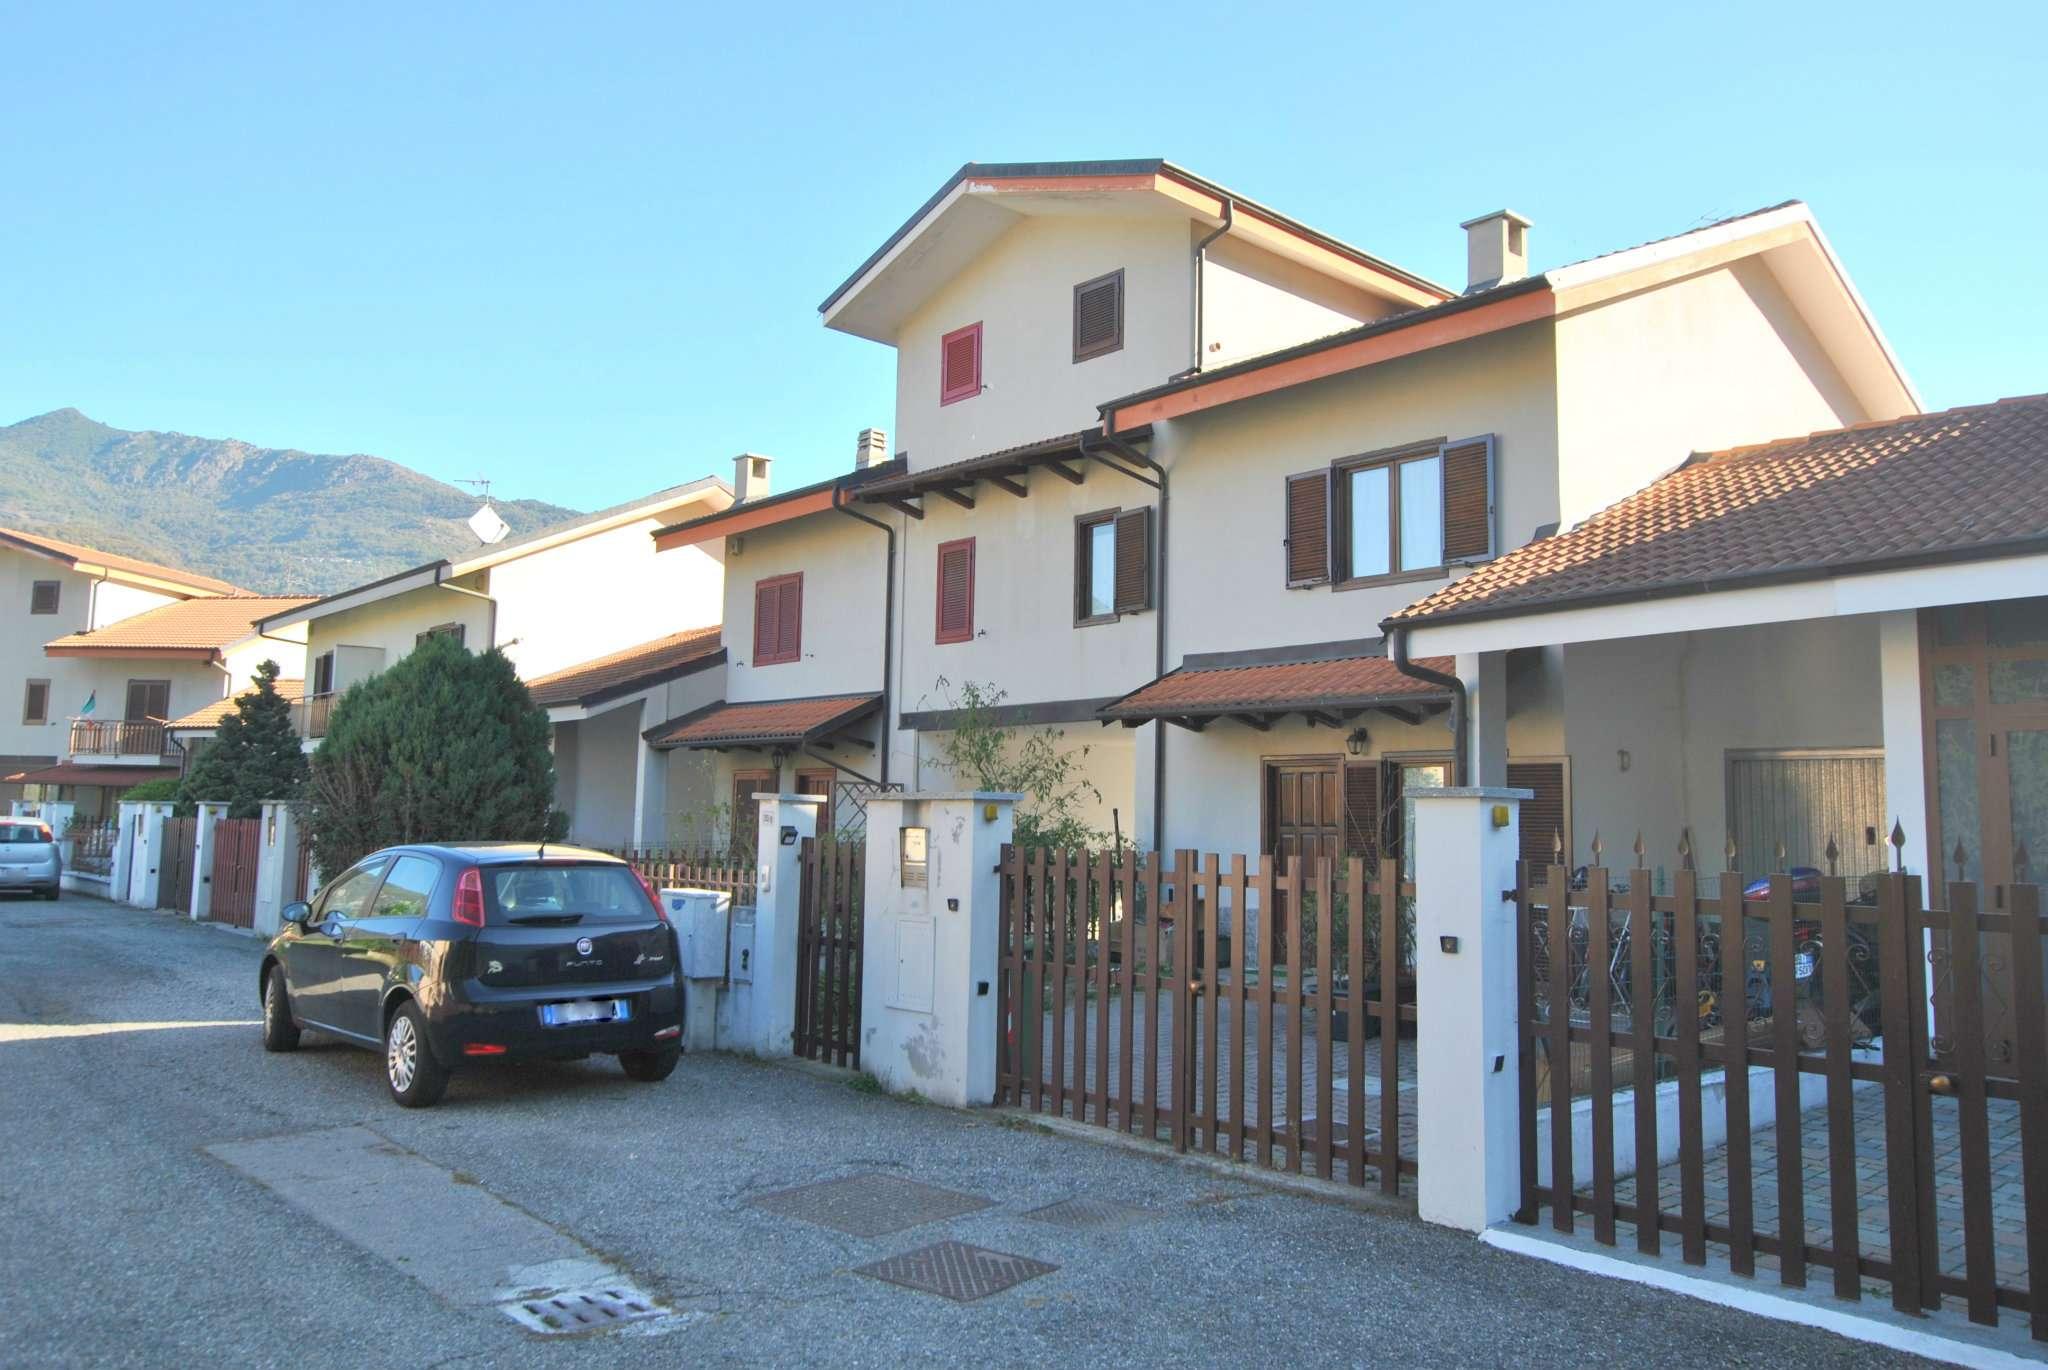 Villa a Schiera in vendita a Vaie, 5 locali, prezzo € 240.000 | CambioCasa.it